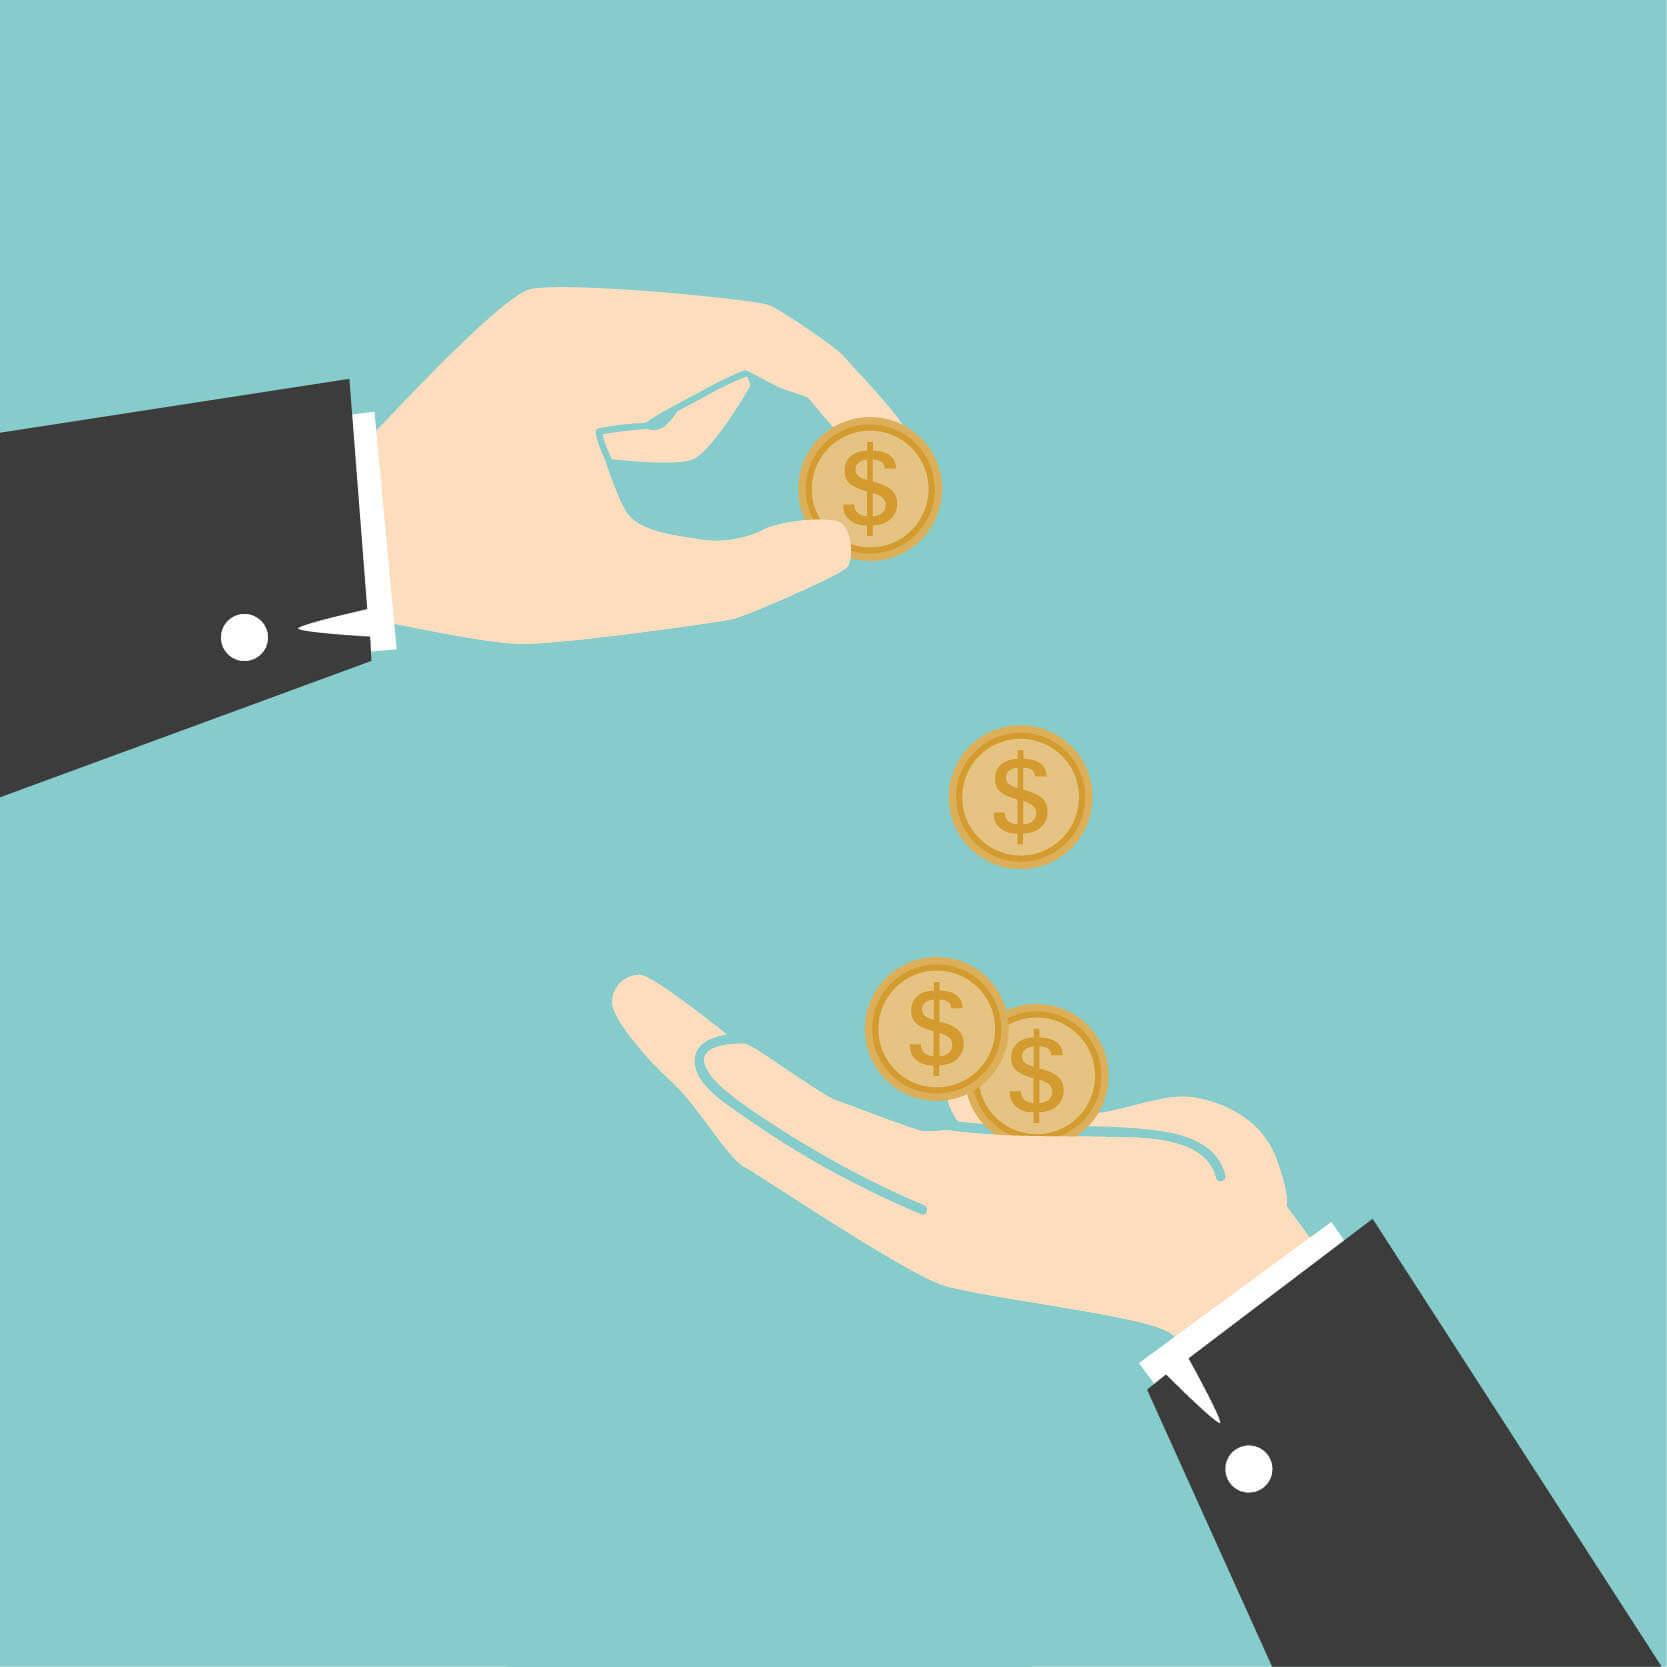 кредит какой можно взять неработающему займы для безработных на карту